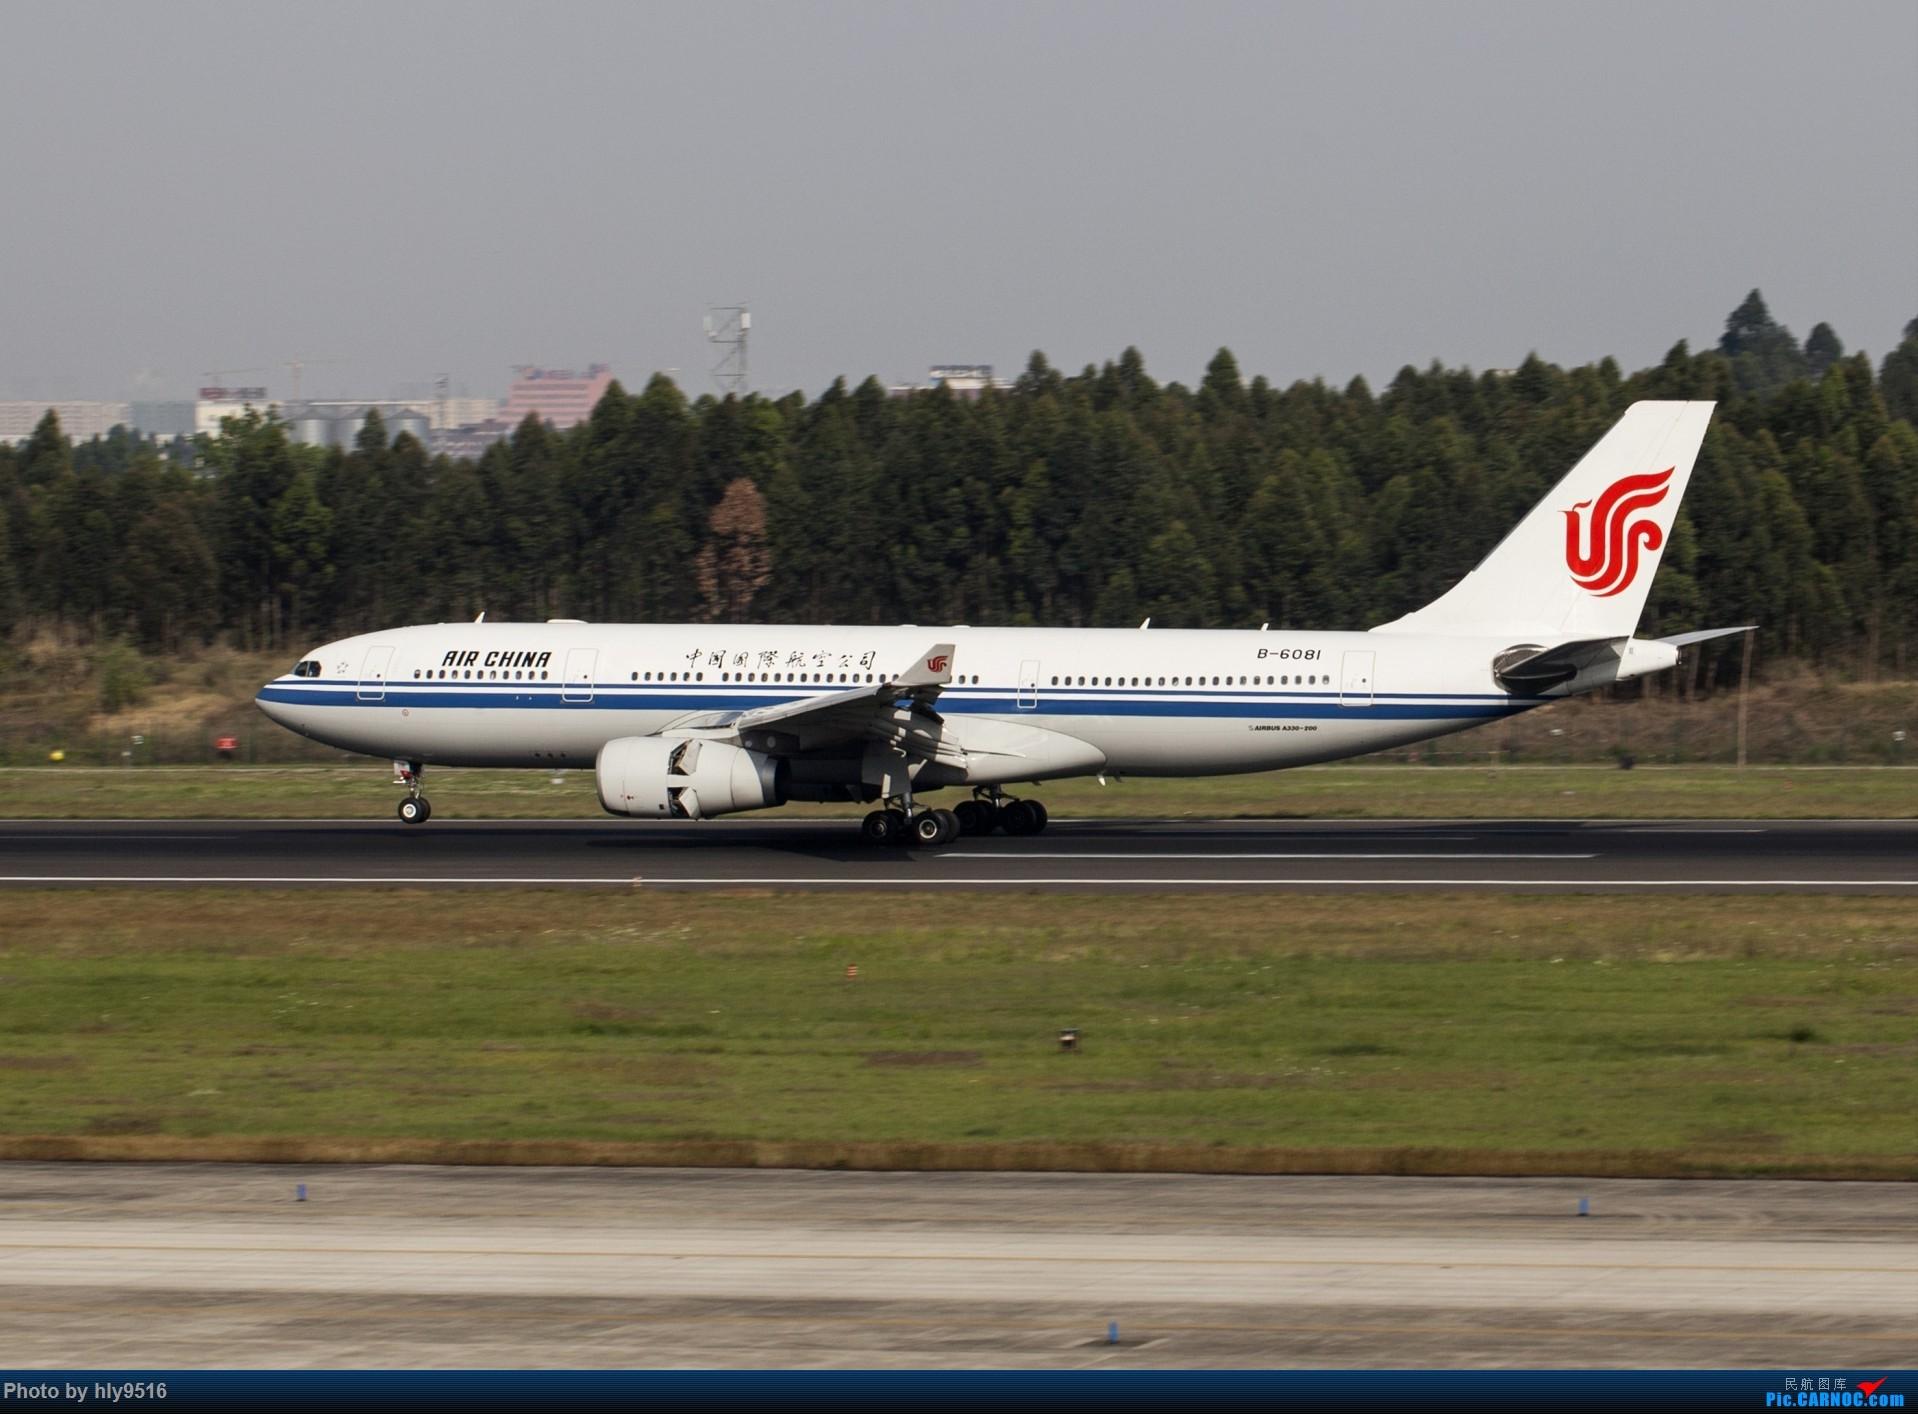 Re:[原创]【CTU】终于解决了大怨念南航A380 偶遇长荣新涂装 两次复飞 小怨念若干 AIRBUS A330-200 B-6081 中国成都双流国际机场